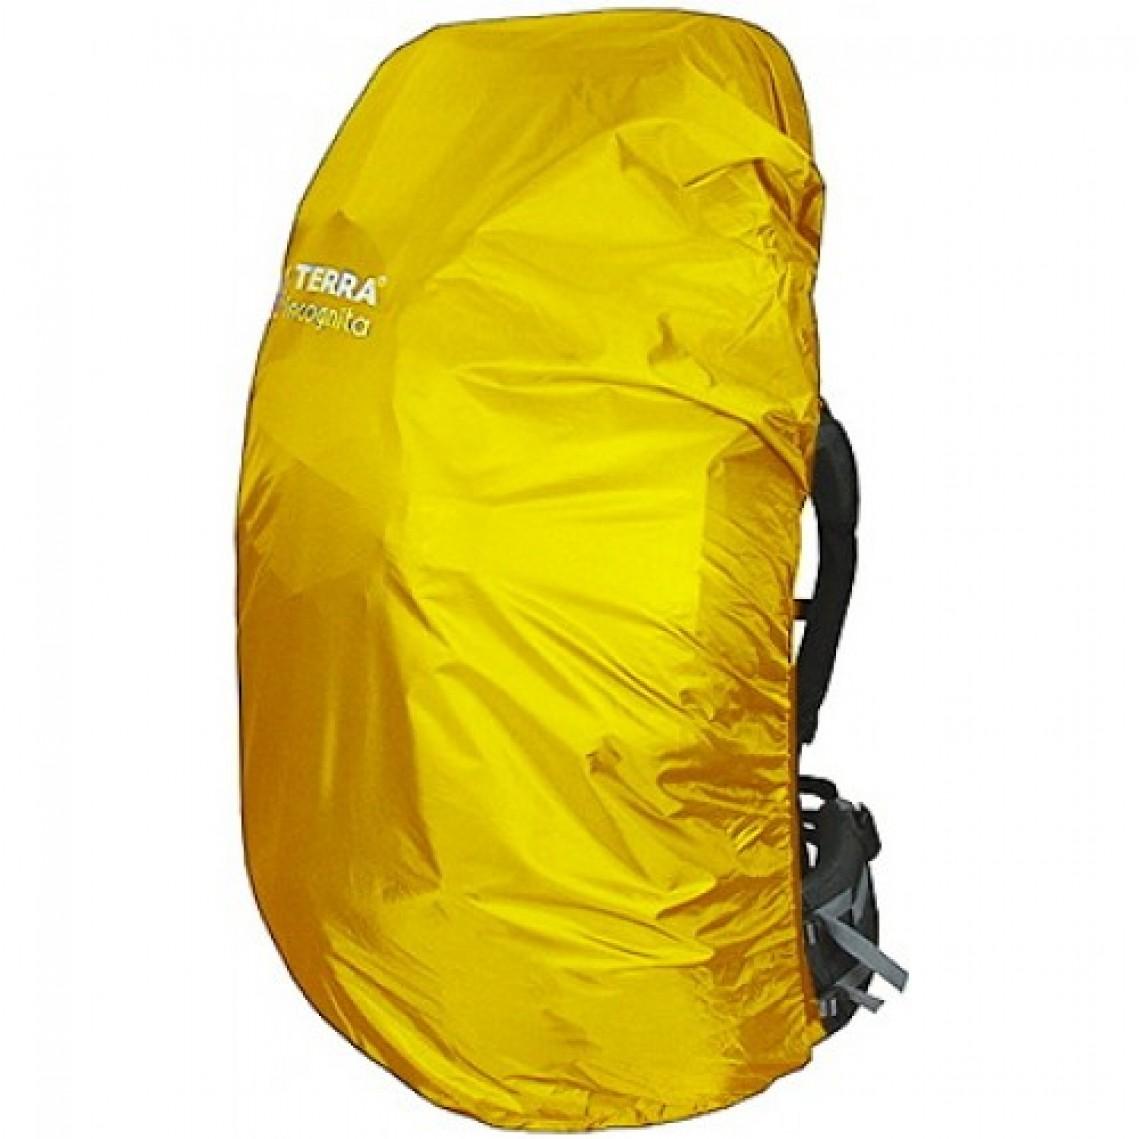 Raincover на туристическом рюкзаке